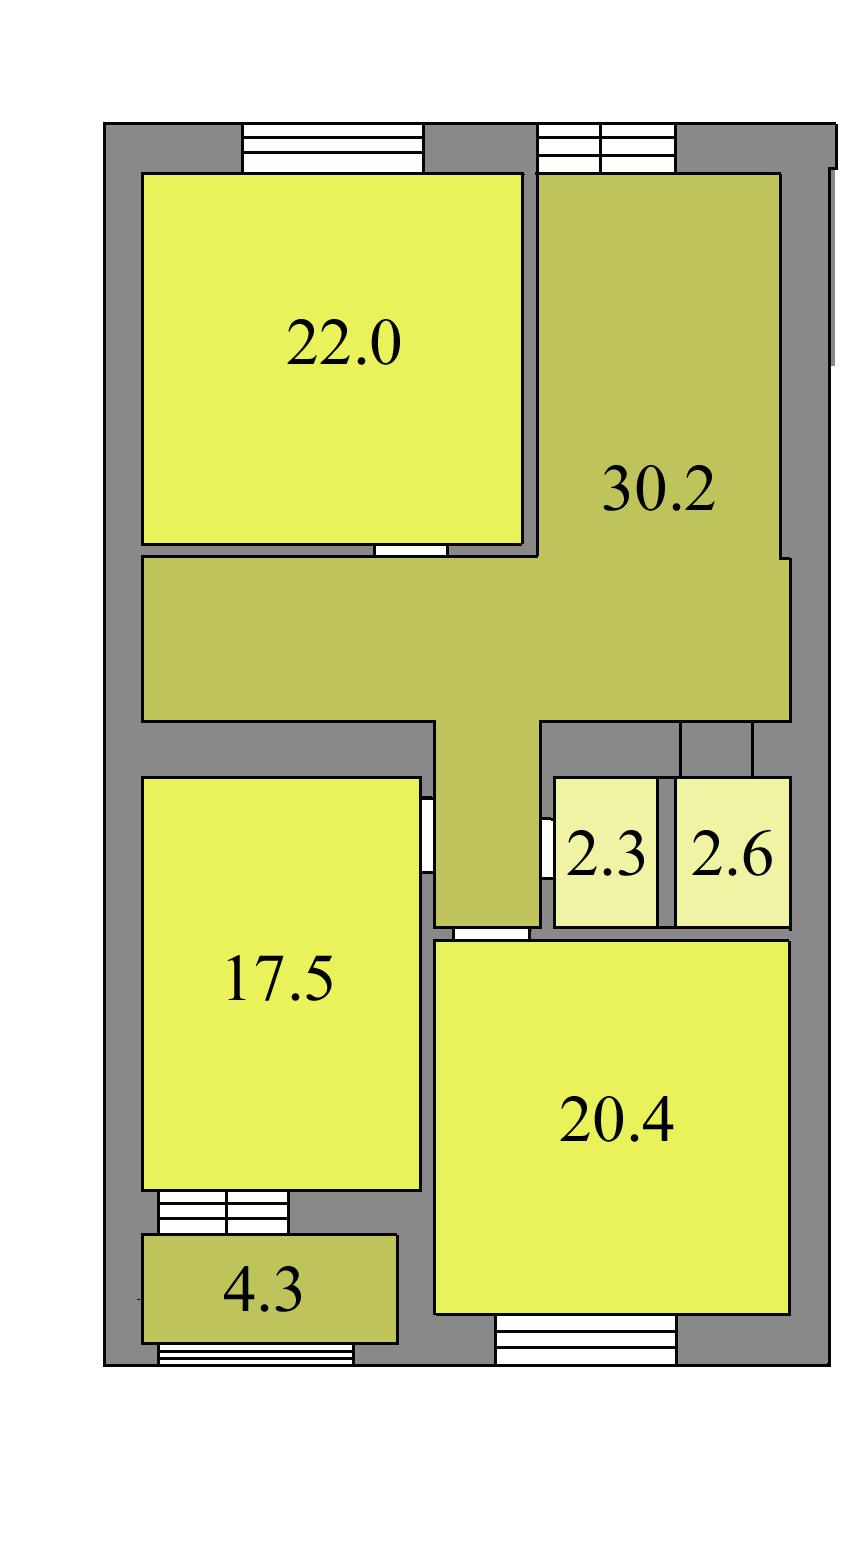 Коммерческое помещение по ул. Осенняя дом 6Б, LIX